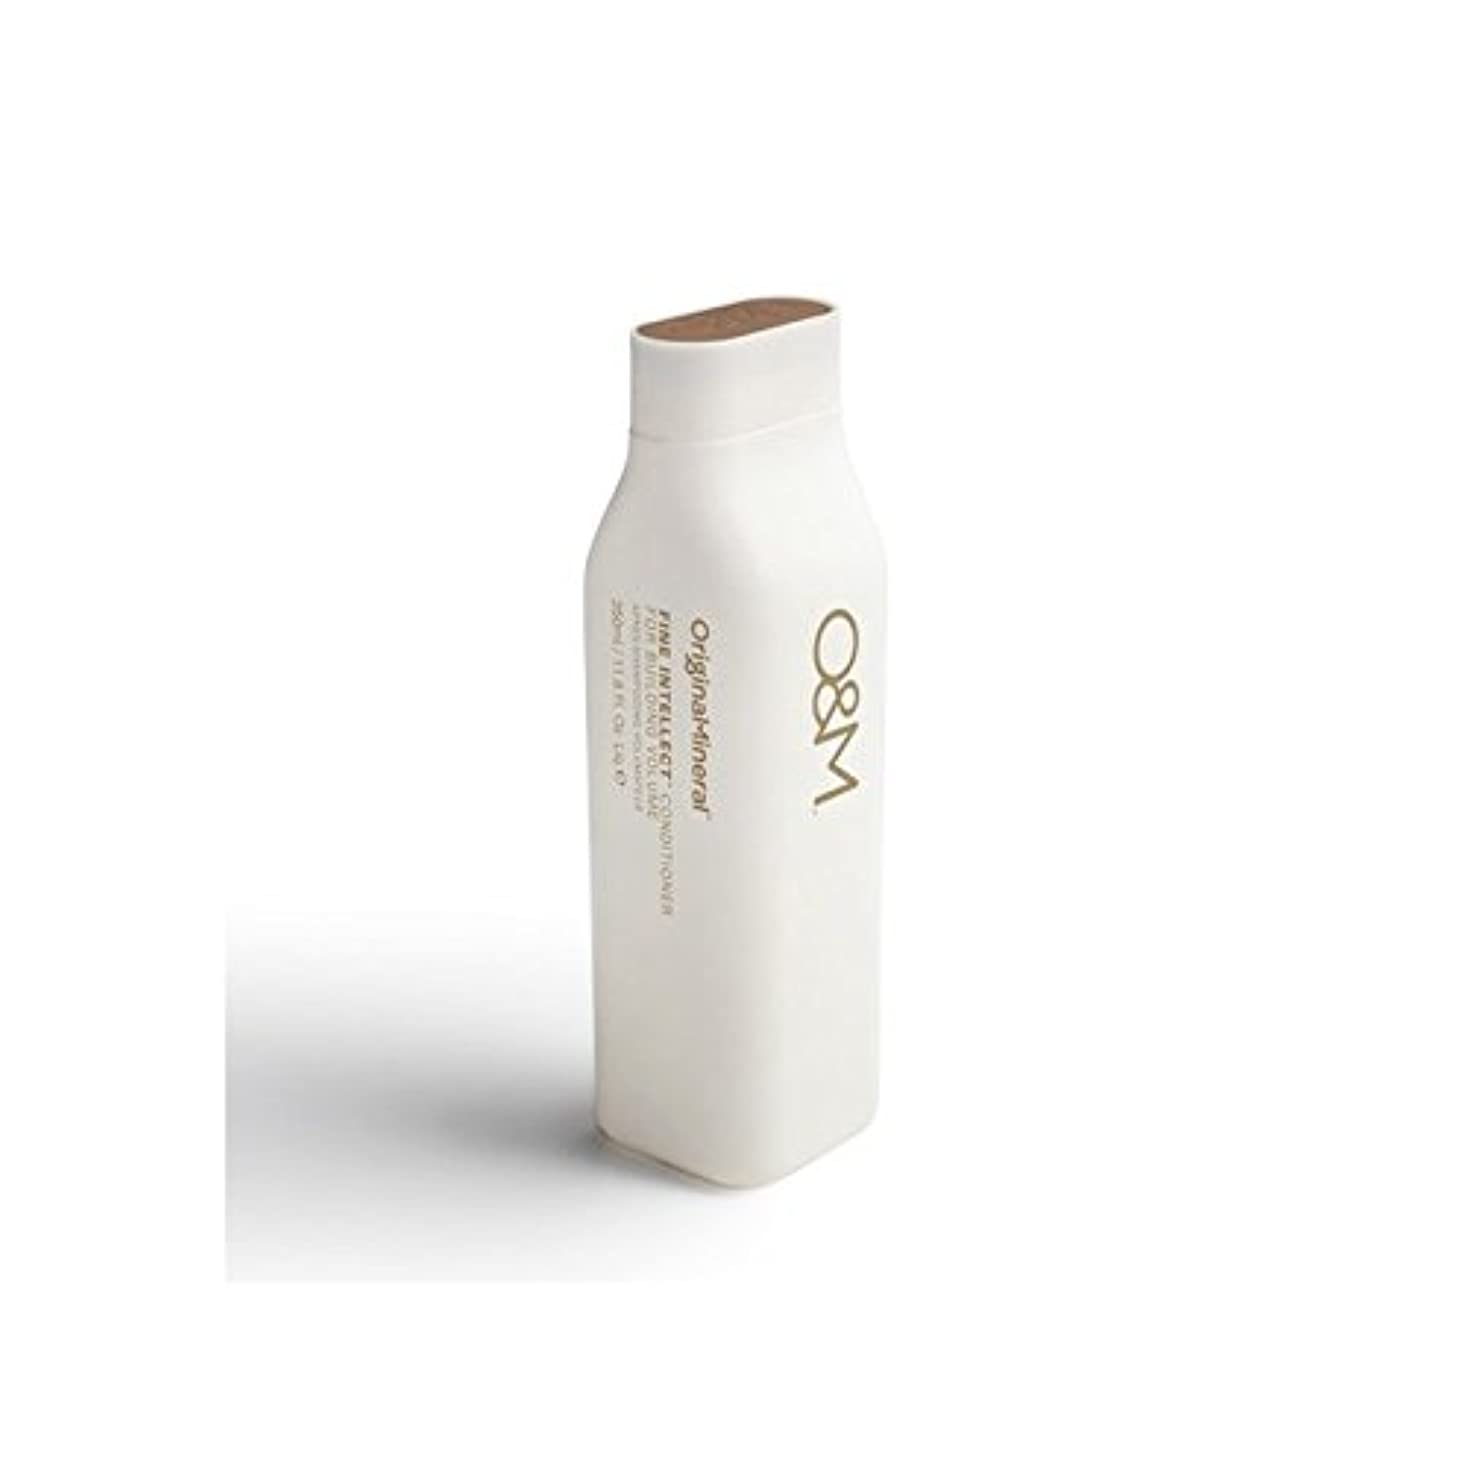 閉塞彫刻枯渇するOriginal & Mineral Fine Intellect Conditioner (350ml) (Pack of 6) - オリジナル&ミネラル細かい知性コンディショナー(350ミリリットル) x6 [並行輸入品]